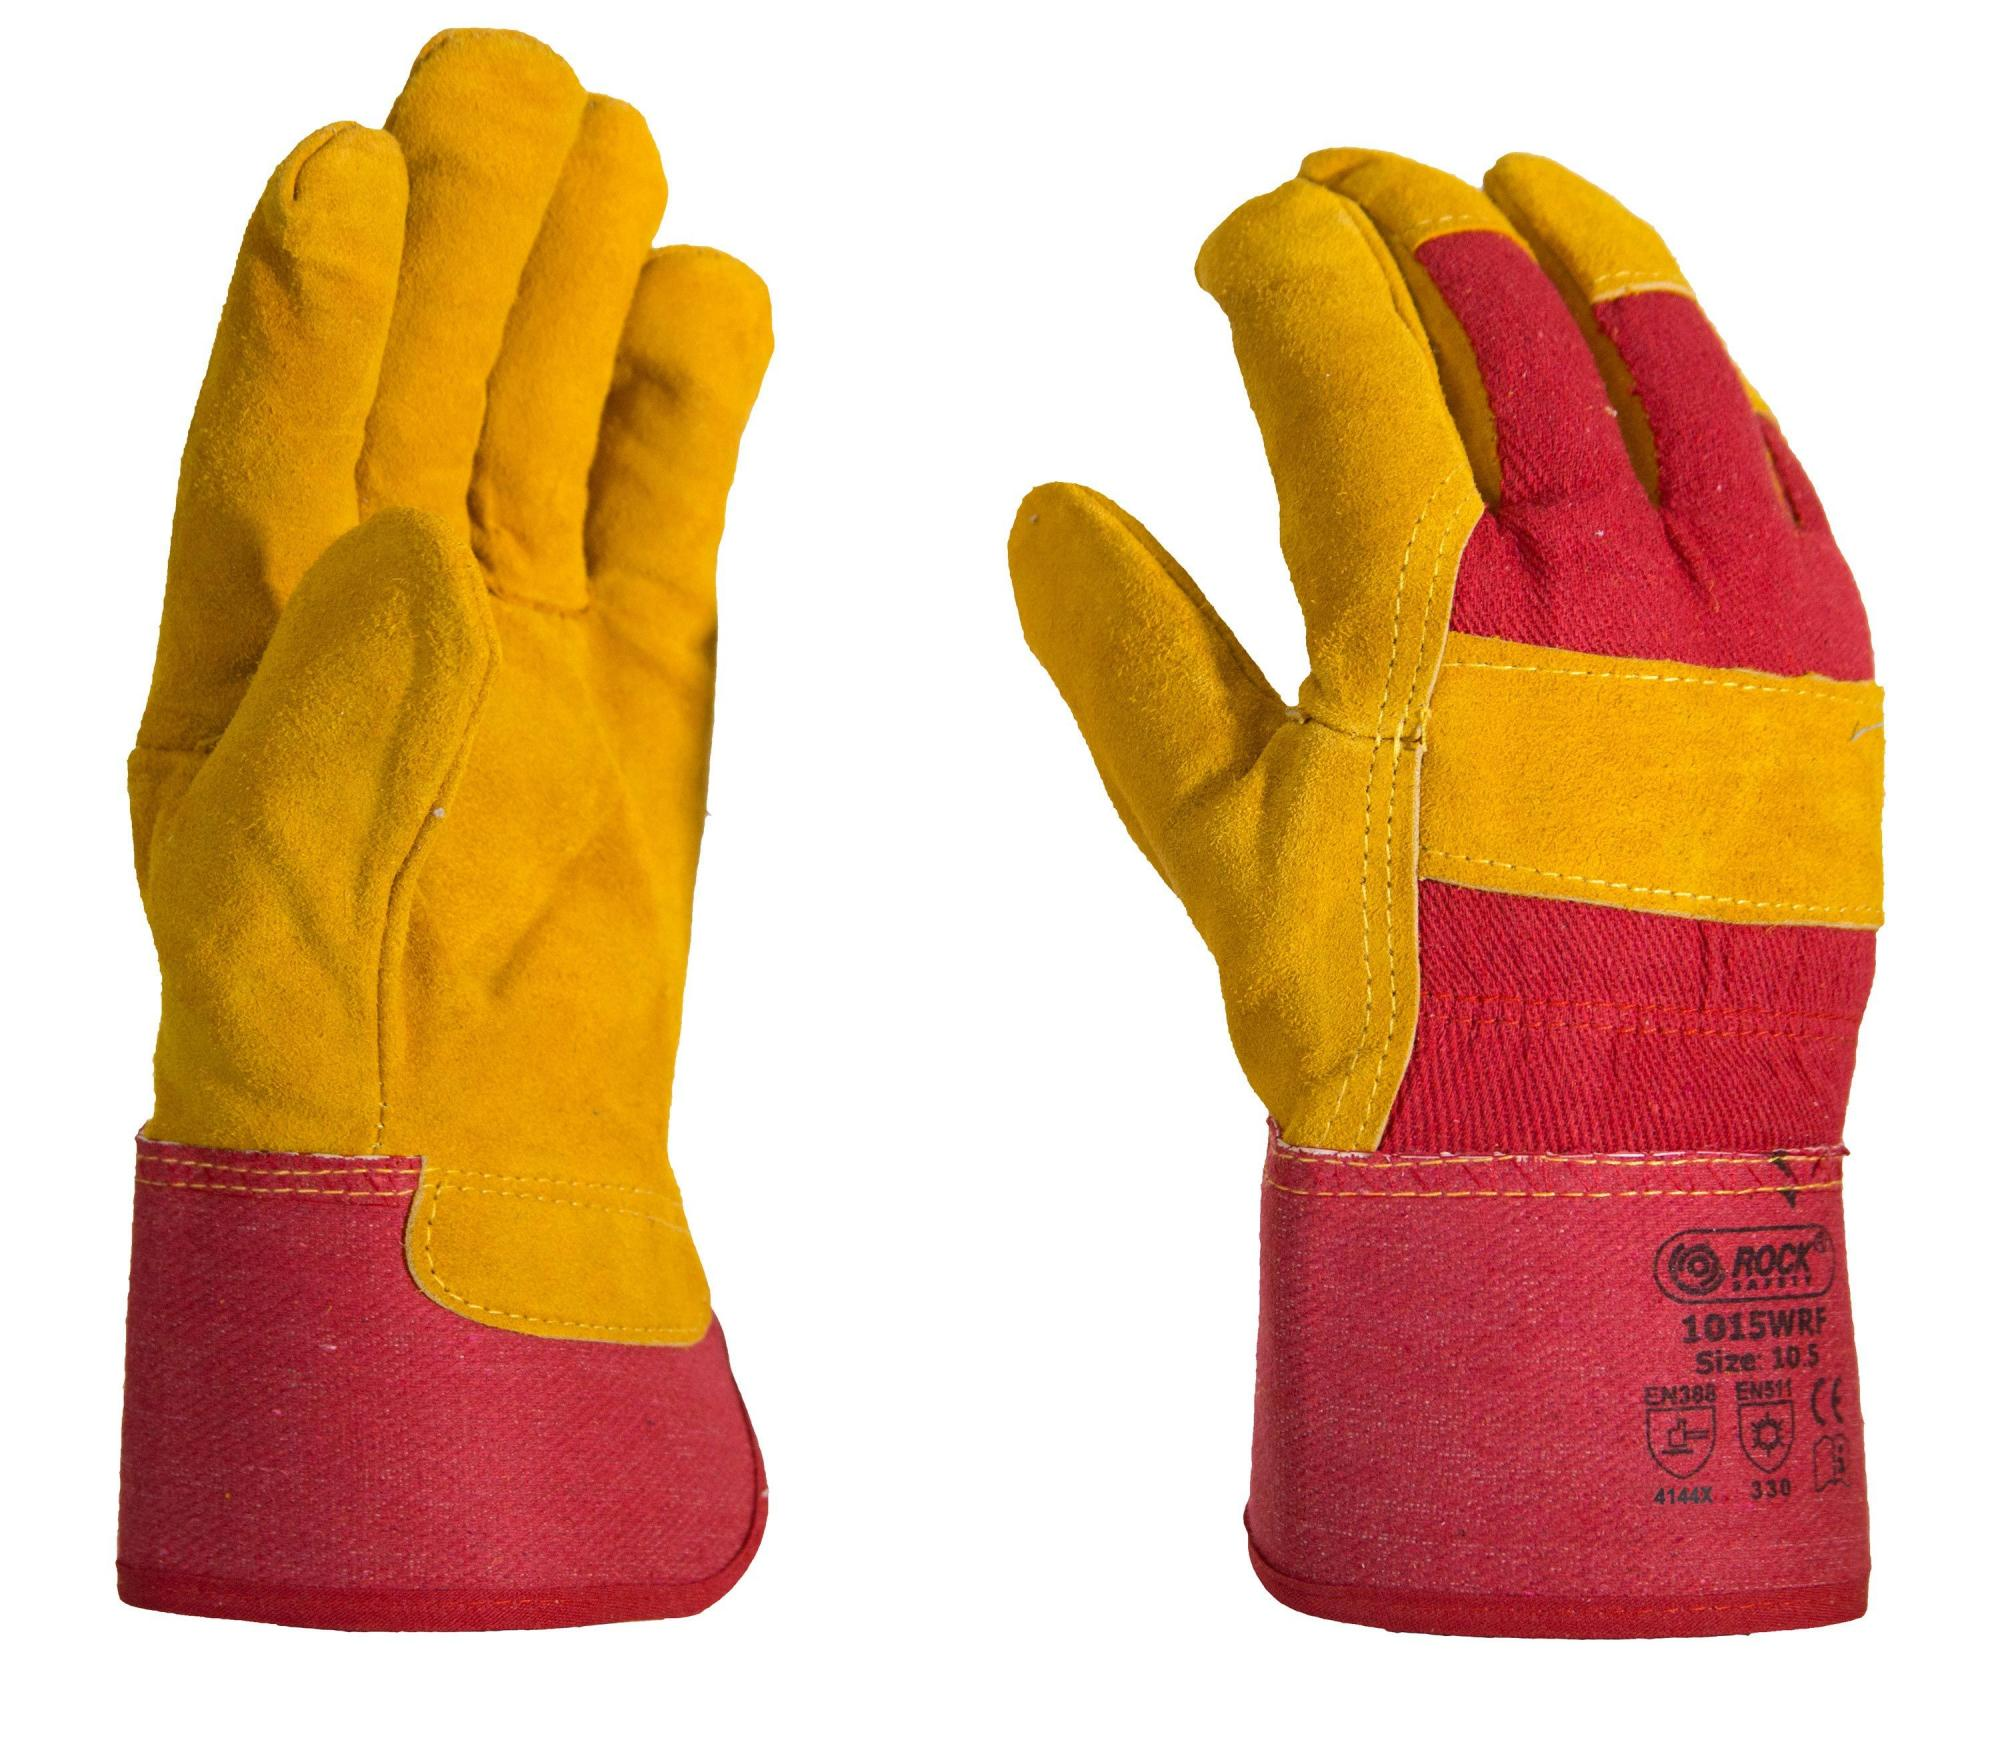 Перчатки ROCK 1015WRF утепленные кожаные комбинированные ...